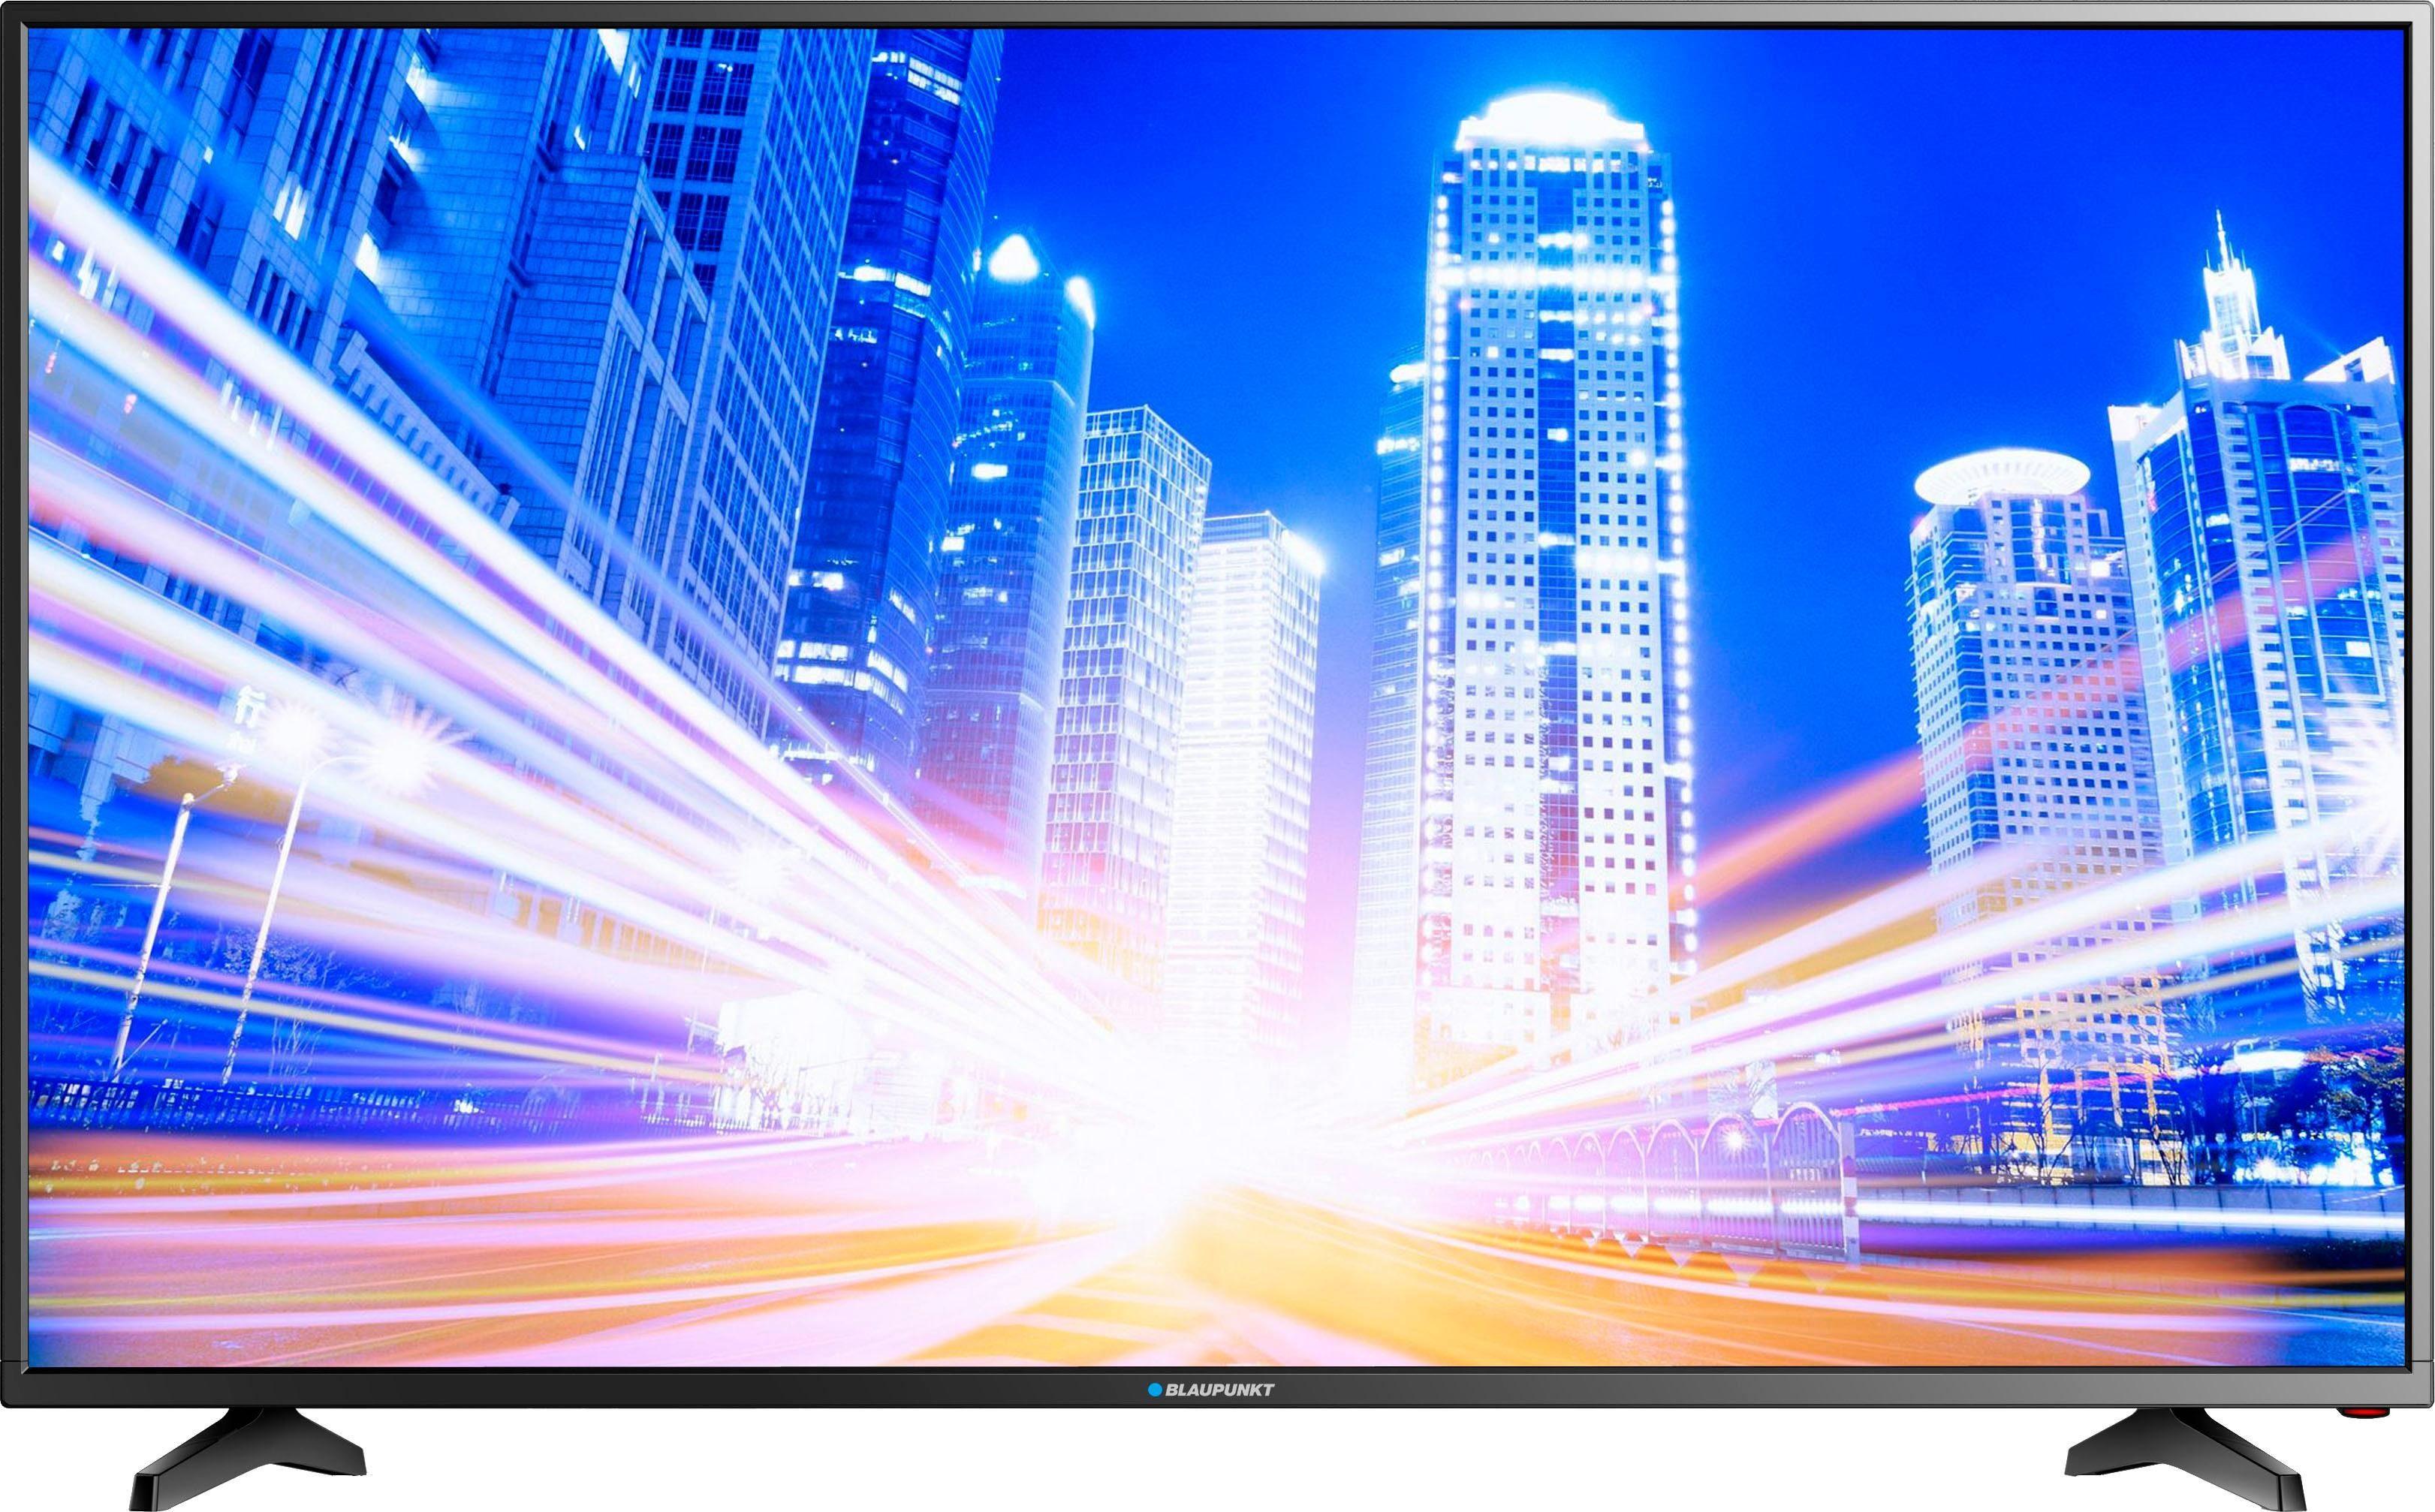 Blaupunkt BLA-40/138O LED-Fernseher (102 cm/40 Zoll, Full HD)